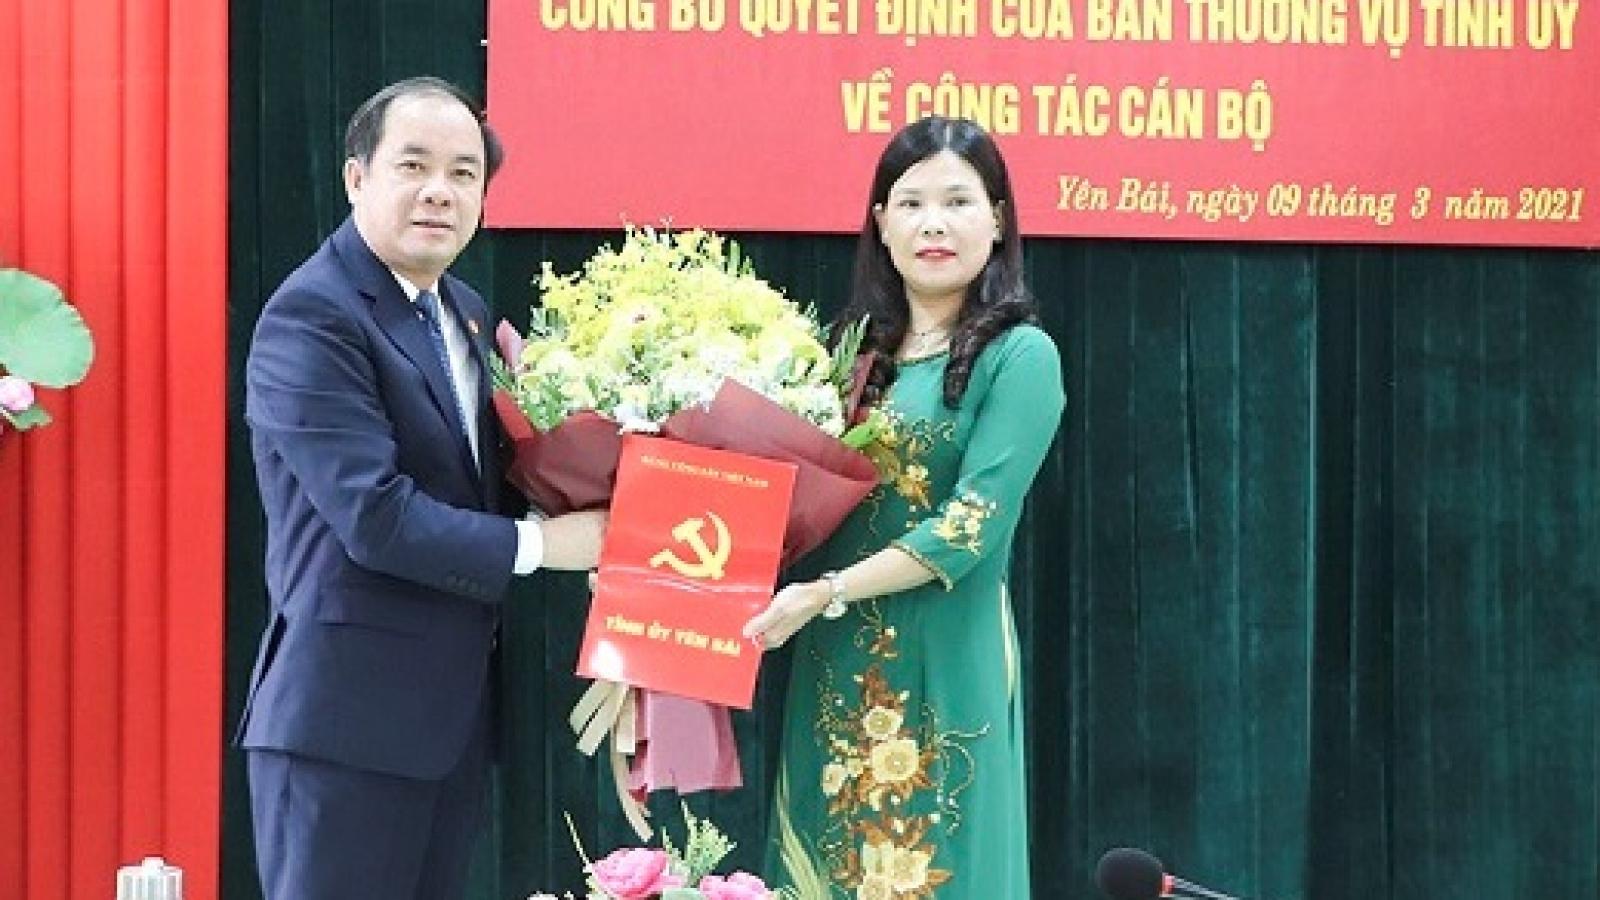 Bà Nguyễn Thị Bích Nhiệm giữ chức Chủ tịch Hội LHPN tỉnh Yên Bái